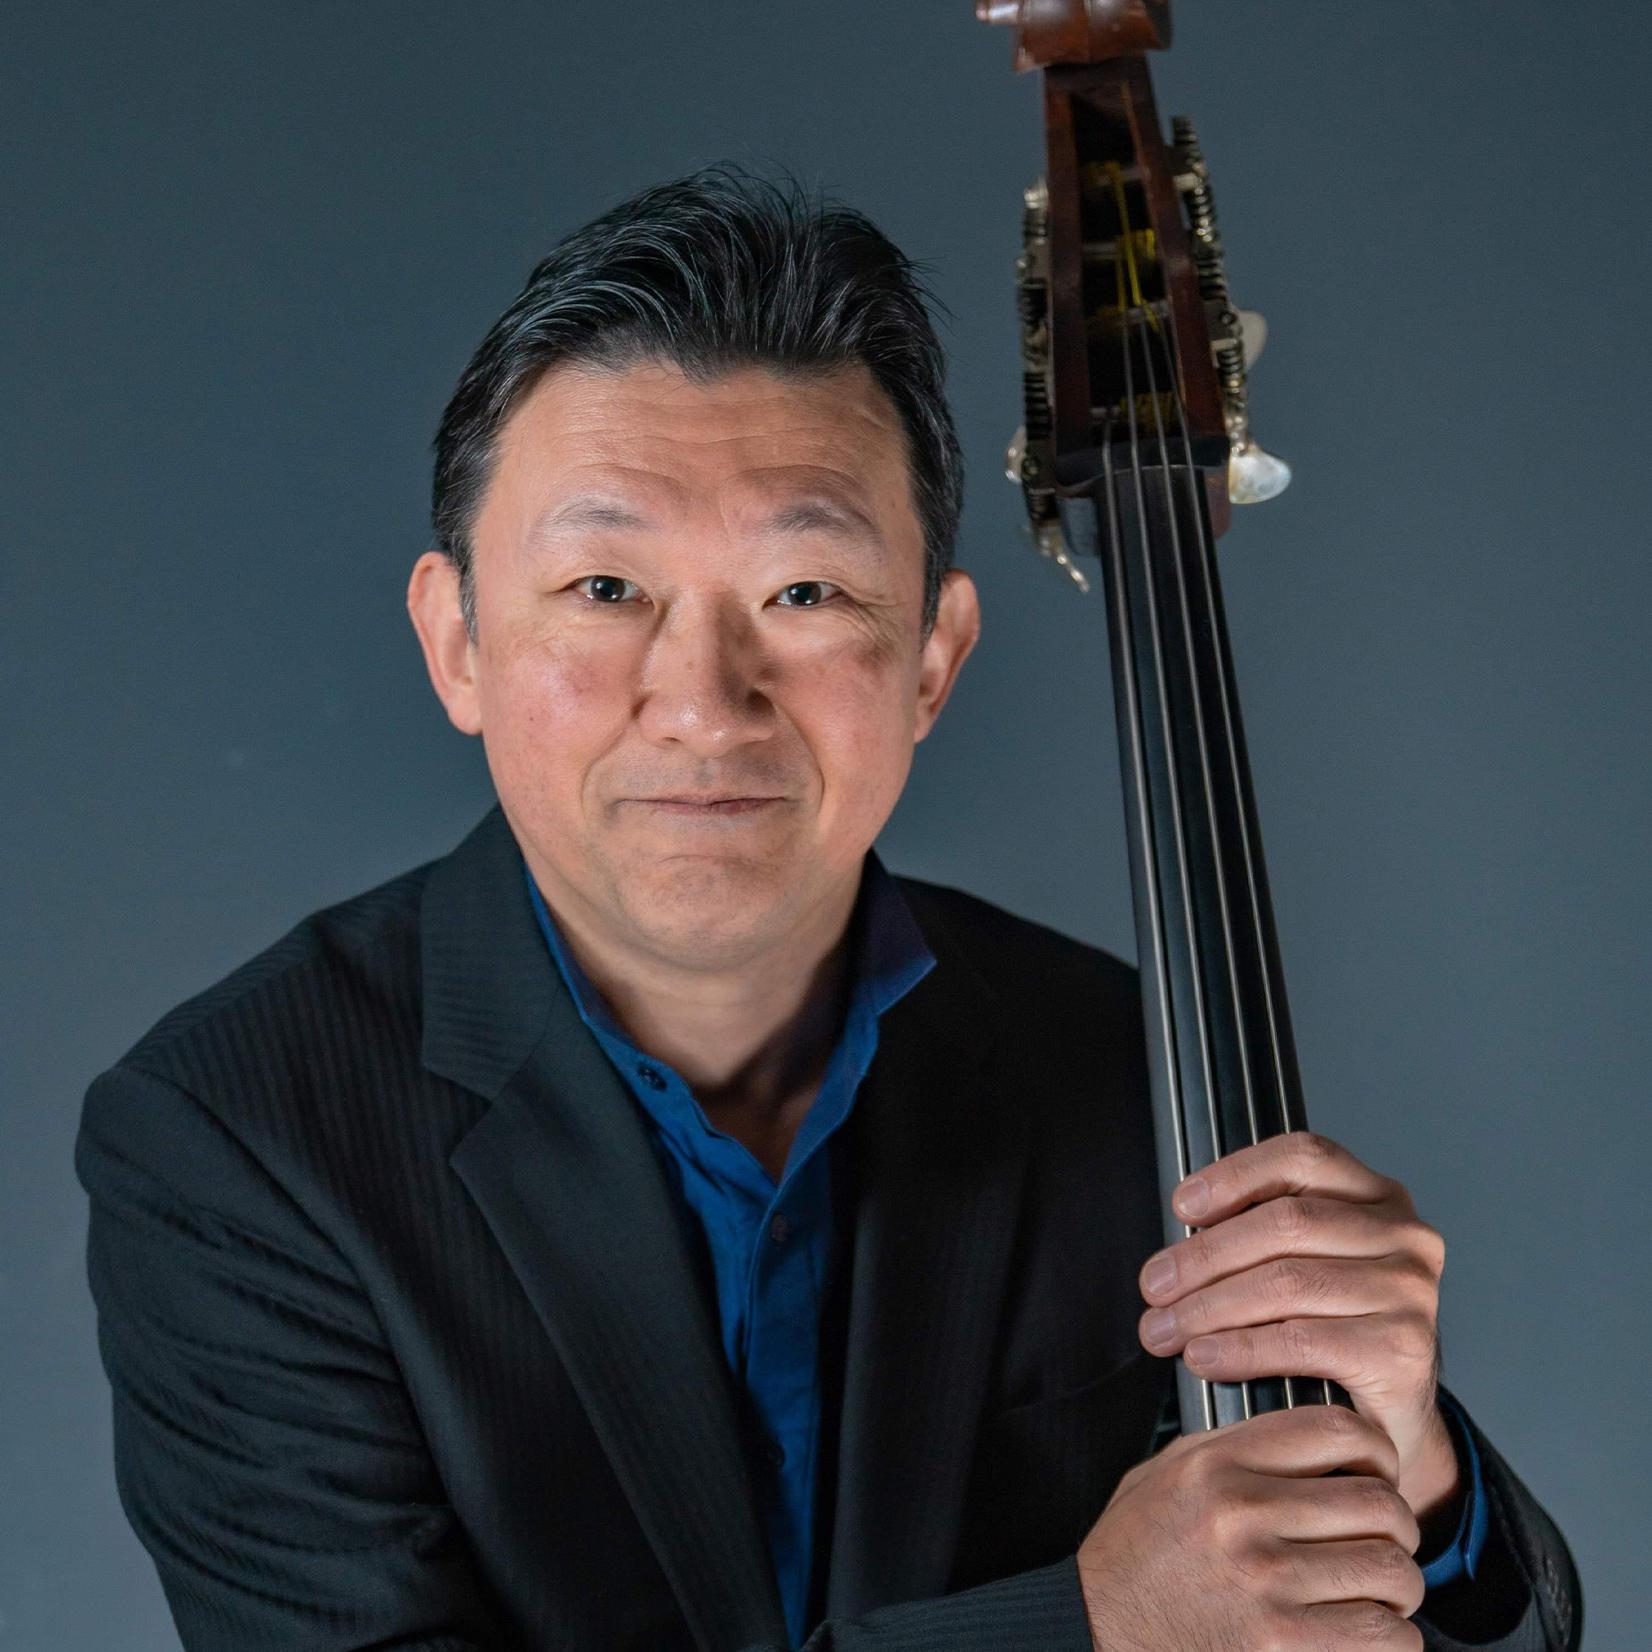 石川滋さん